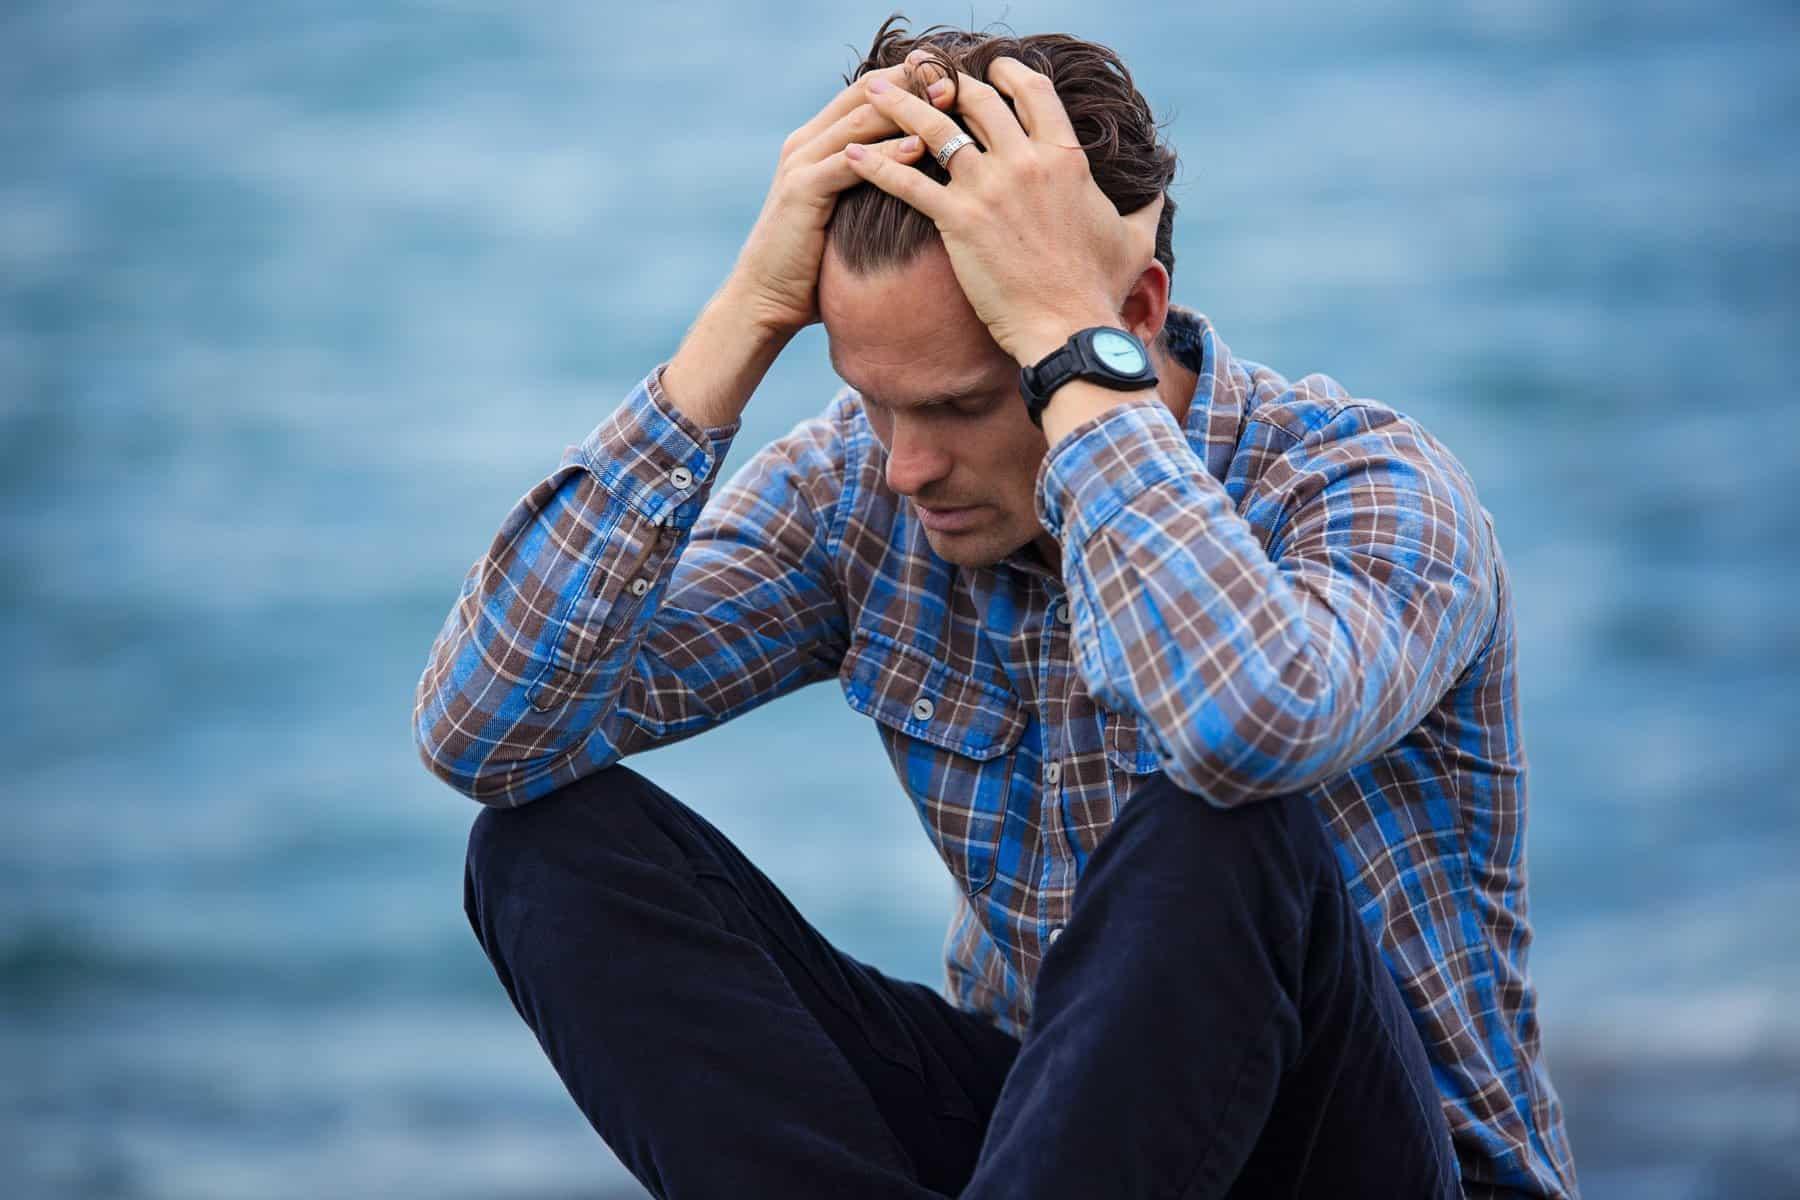 Homem de meia idade arrependido, sentado no chão com as mãos na cabeça